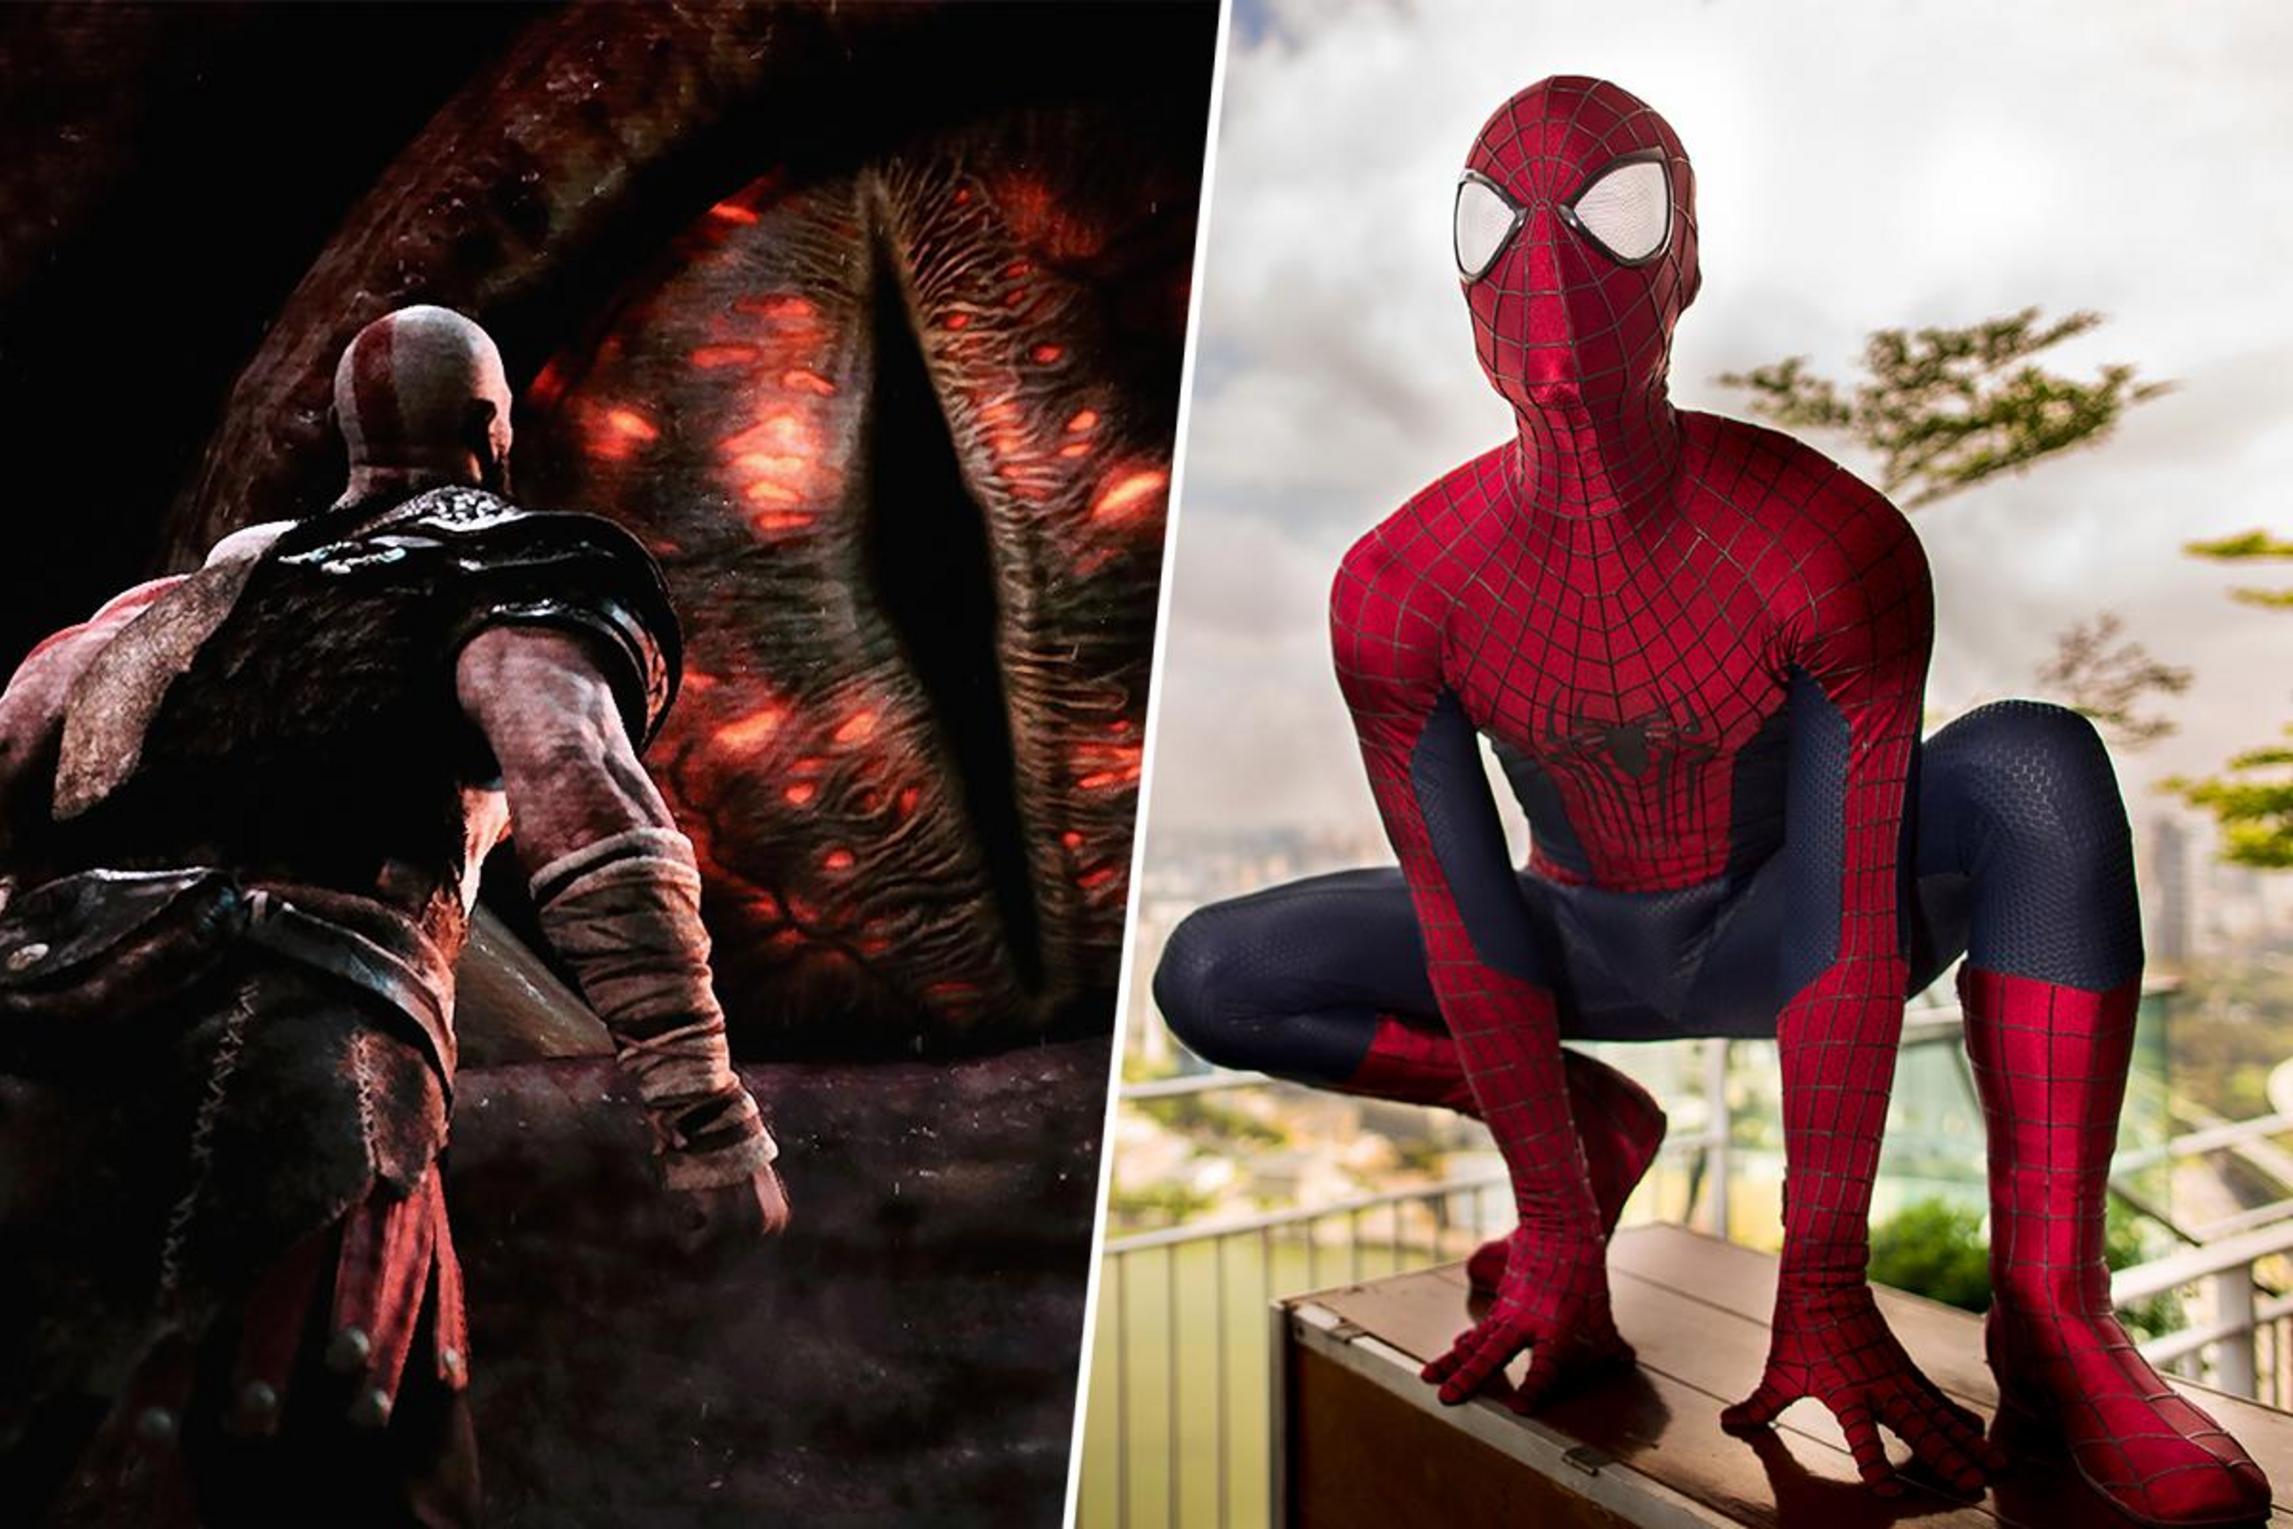 سازنده Spider-Man: اسپایدرمن میتواند کریتوس را شکست دهد